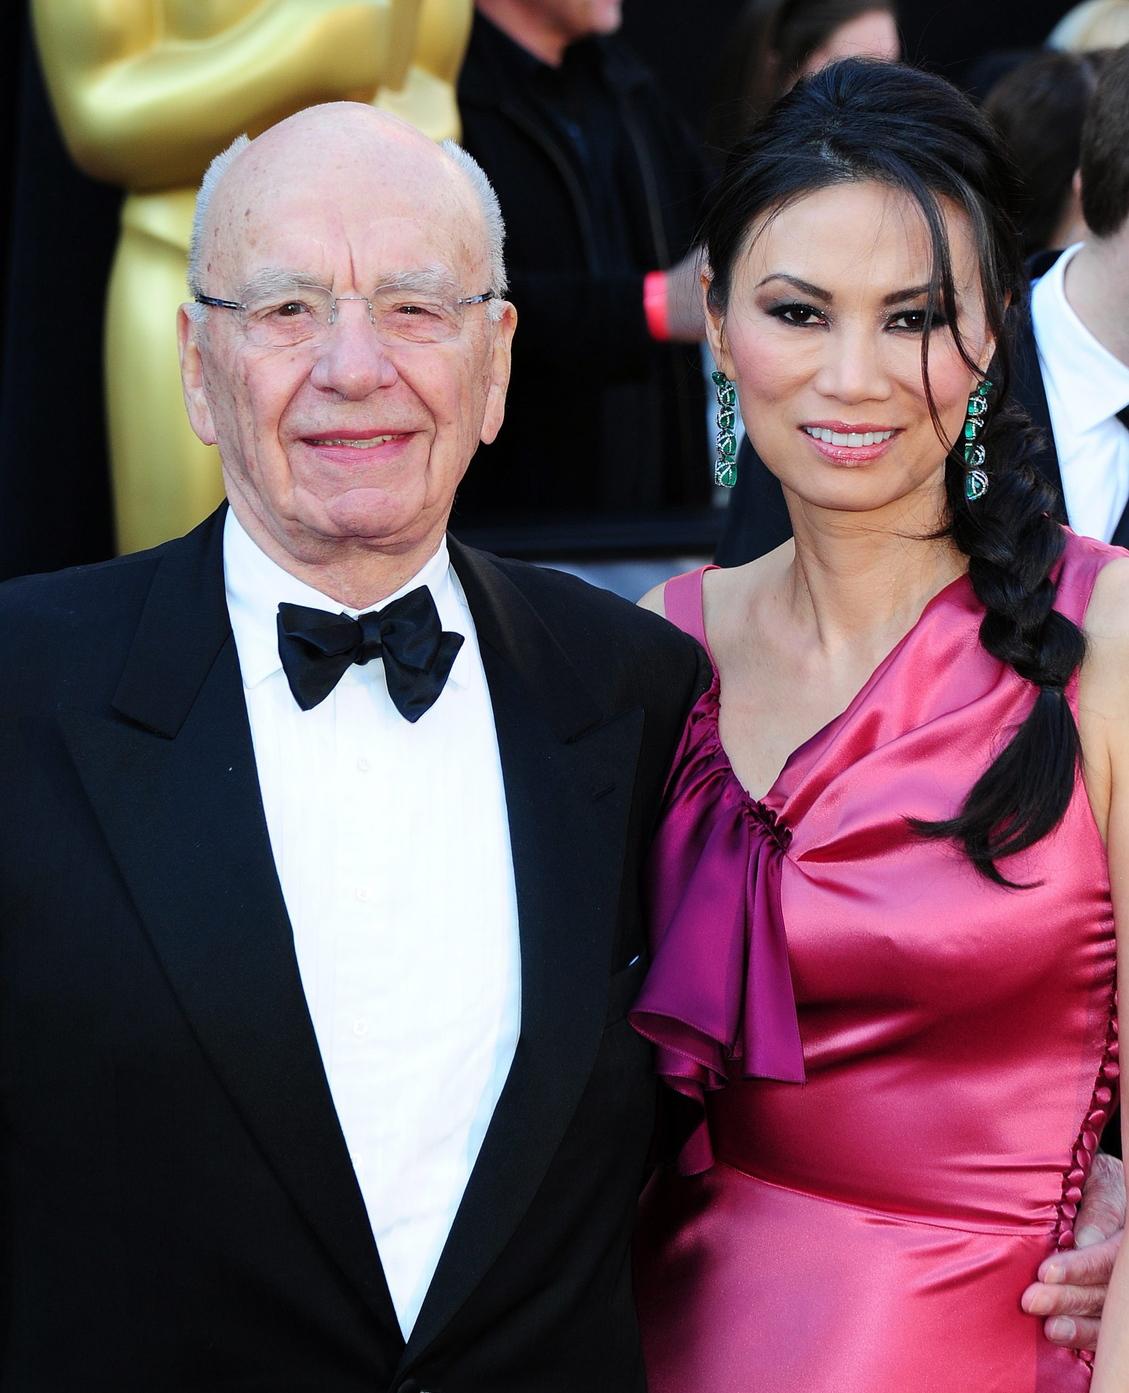 Rupert MURDOCH ausztrál médiamogul és felesége, Wendi DENG megérkezik az Oscar-díjak 83. kiosztójára a Los Angeles-i Kodak Színházba 2011. február 27-én (MTI/EPA/Andrew Gombert)